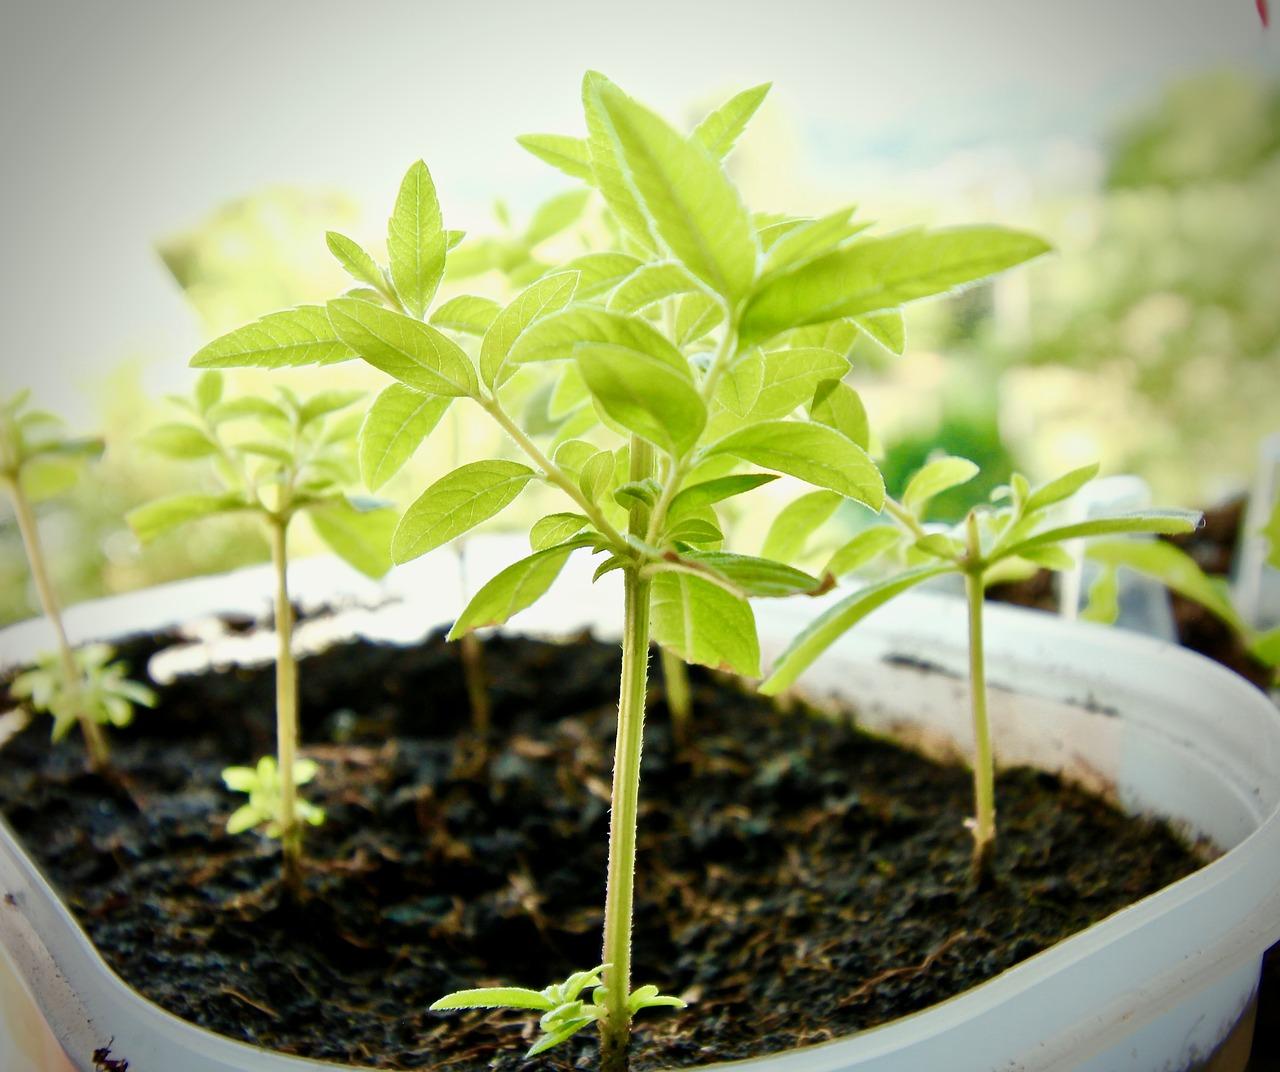 Cosa Piantare A Febbraio quali piante e fiori si devono piantare tra febbraio/marzo